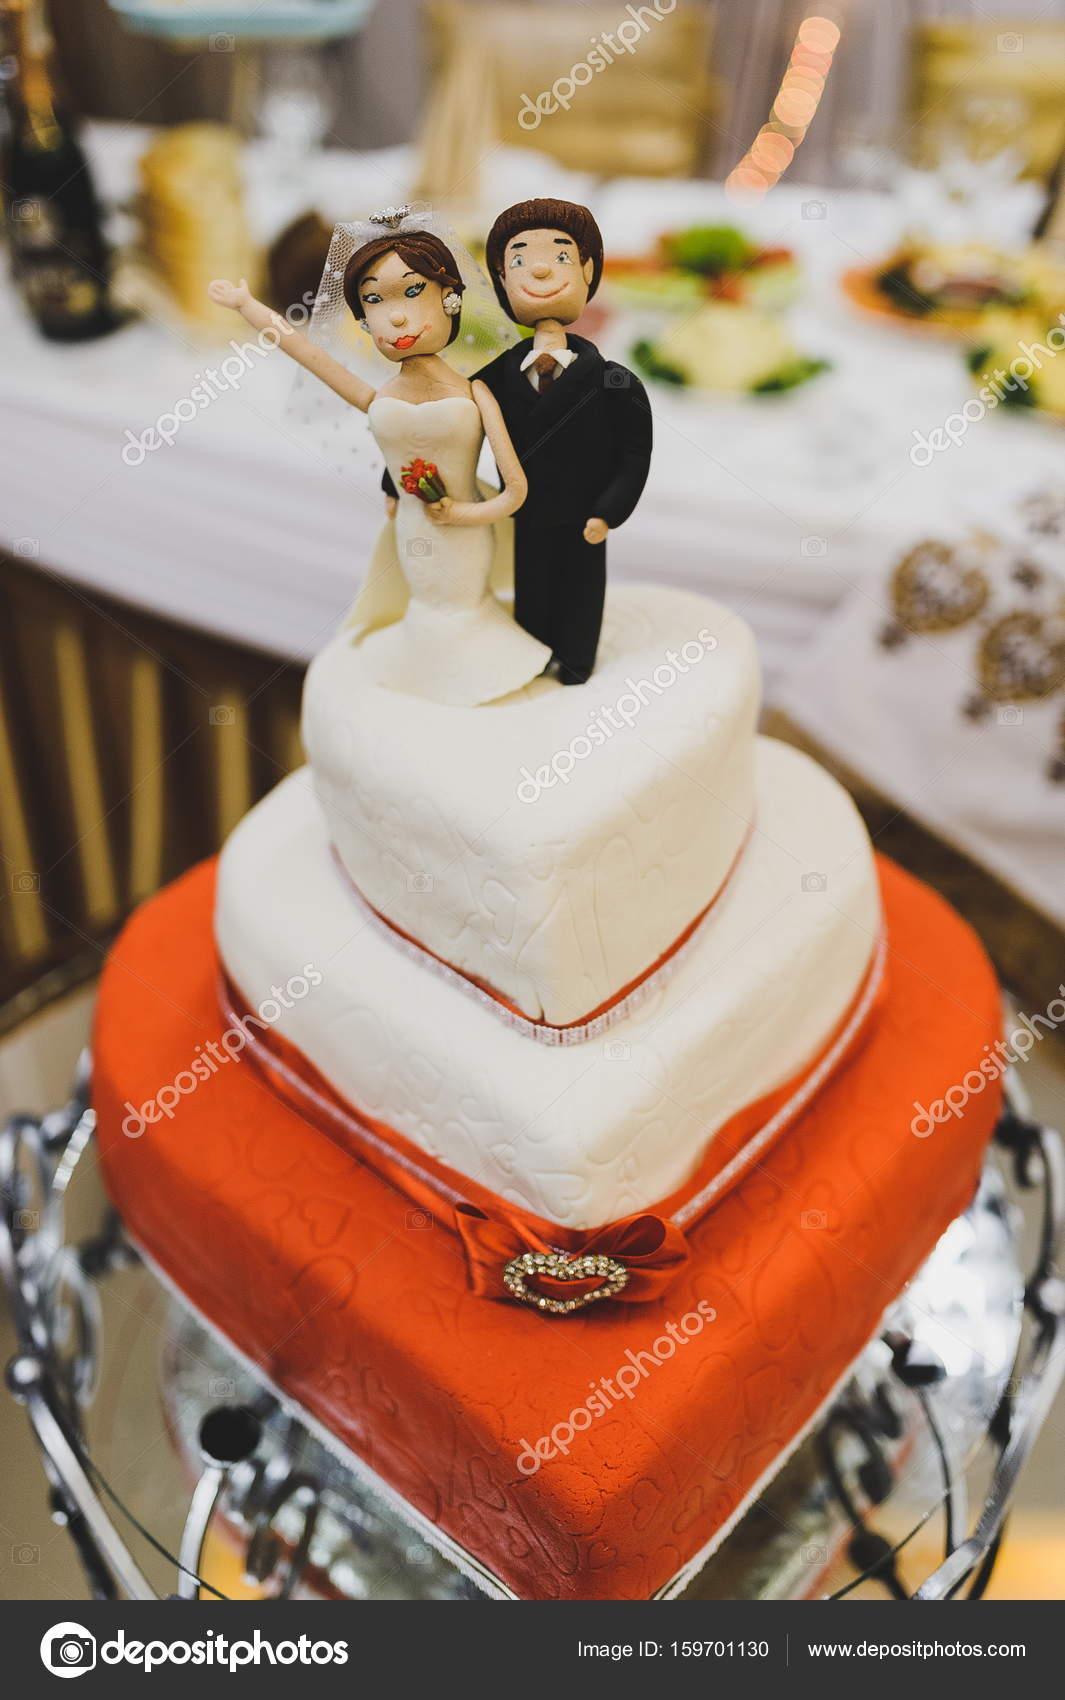 Lustige Figuren In Einem Luxuriosen Weissen Hochzeitstorte In Form